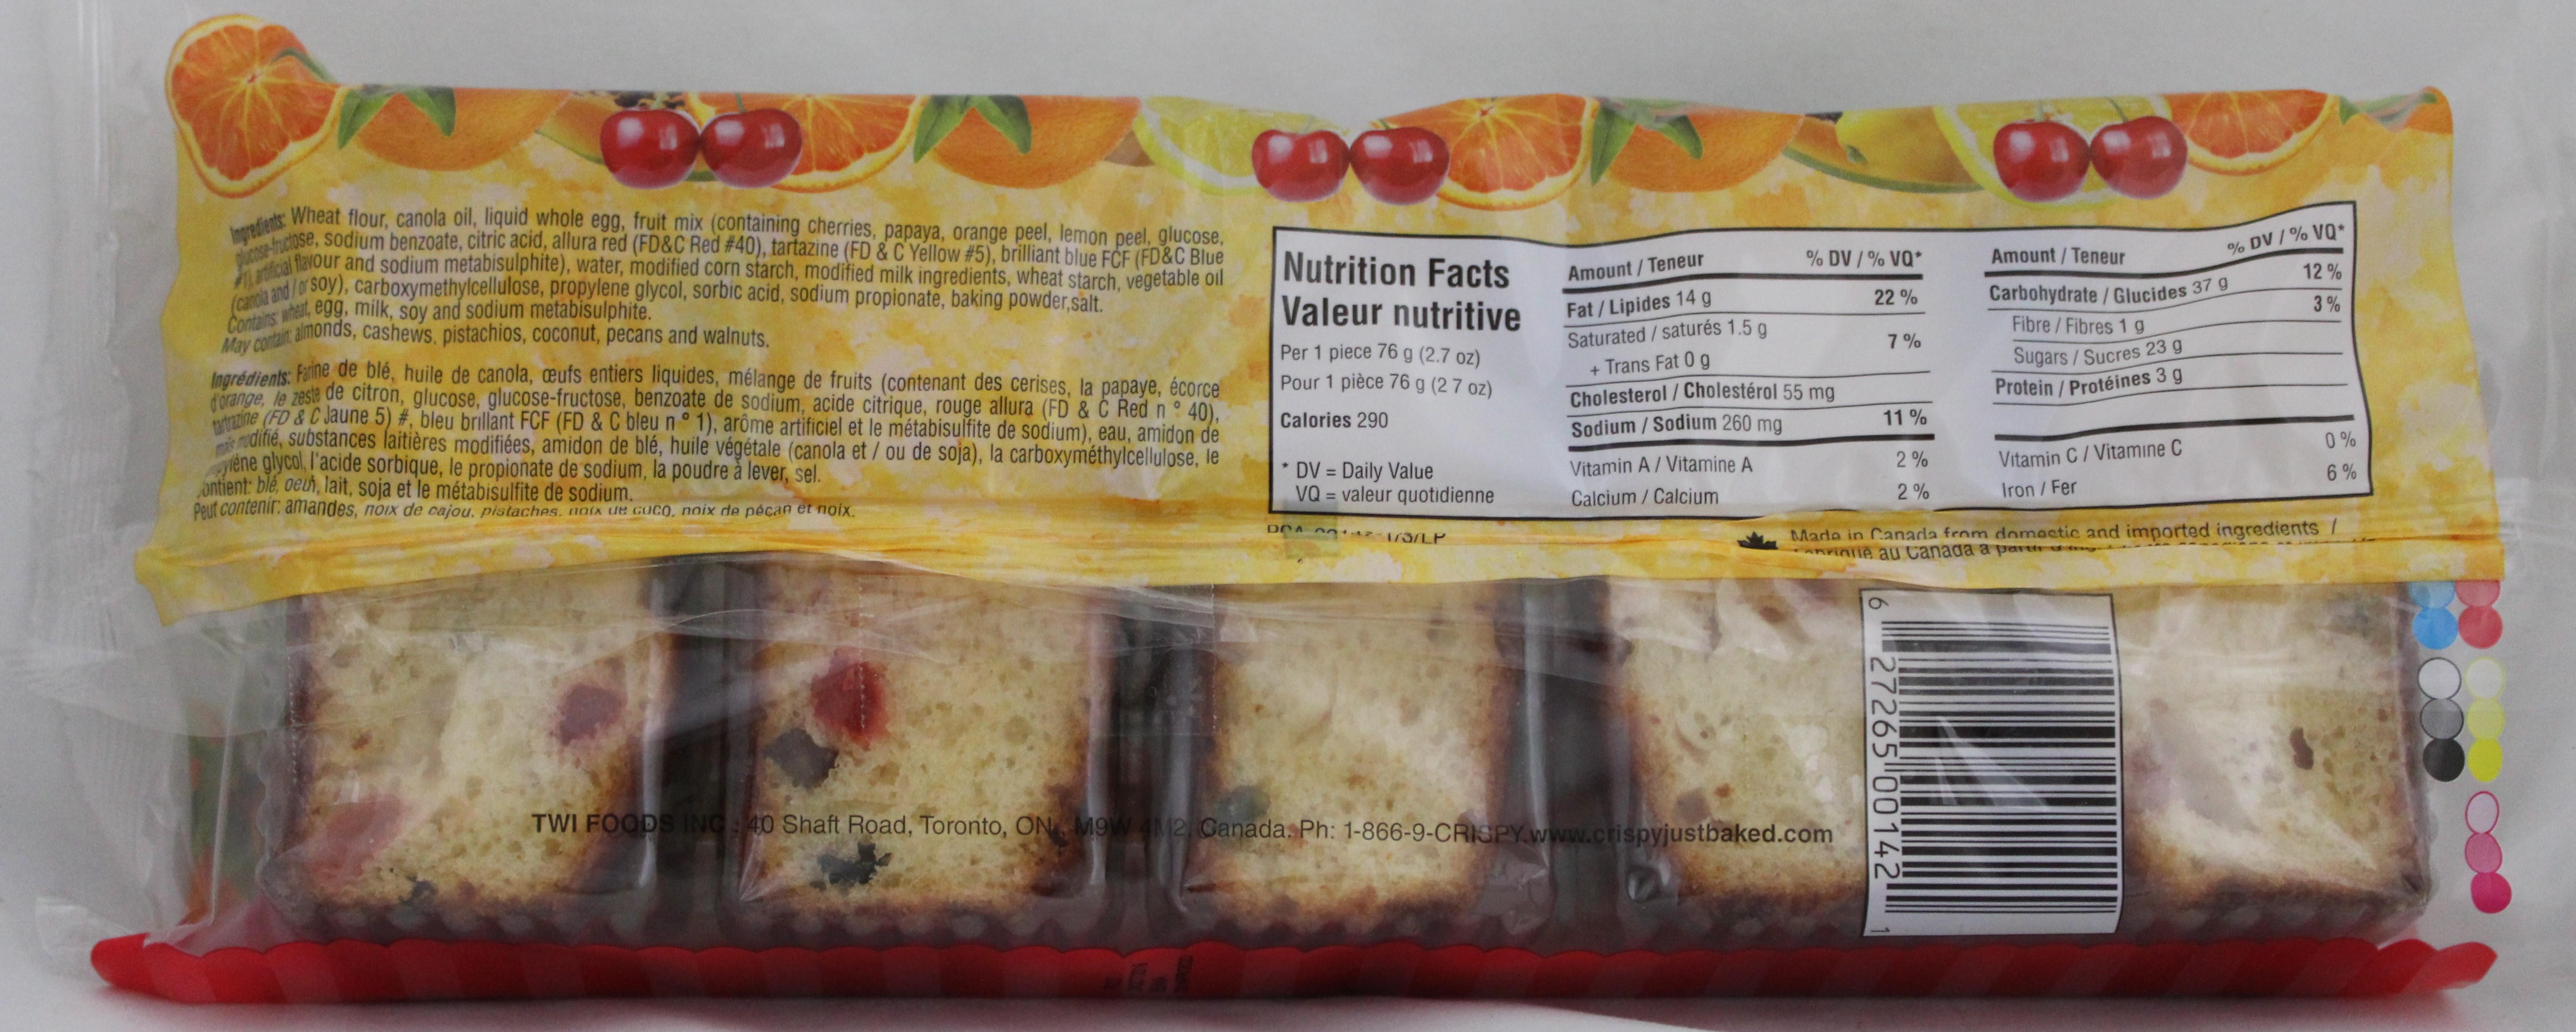 Fruit Cake 13.4oz